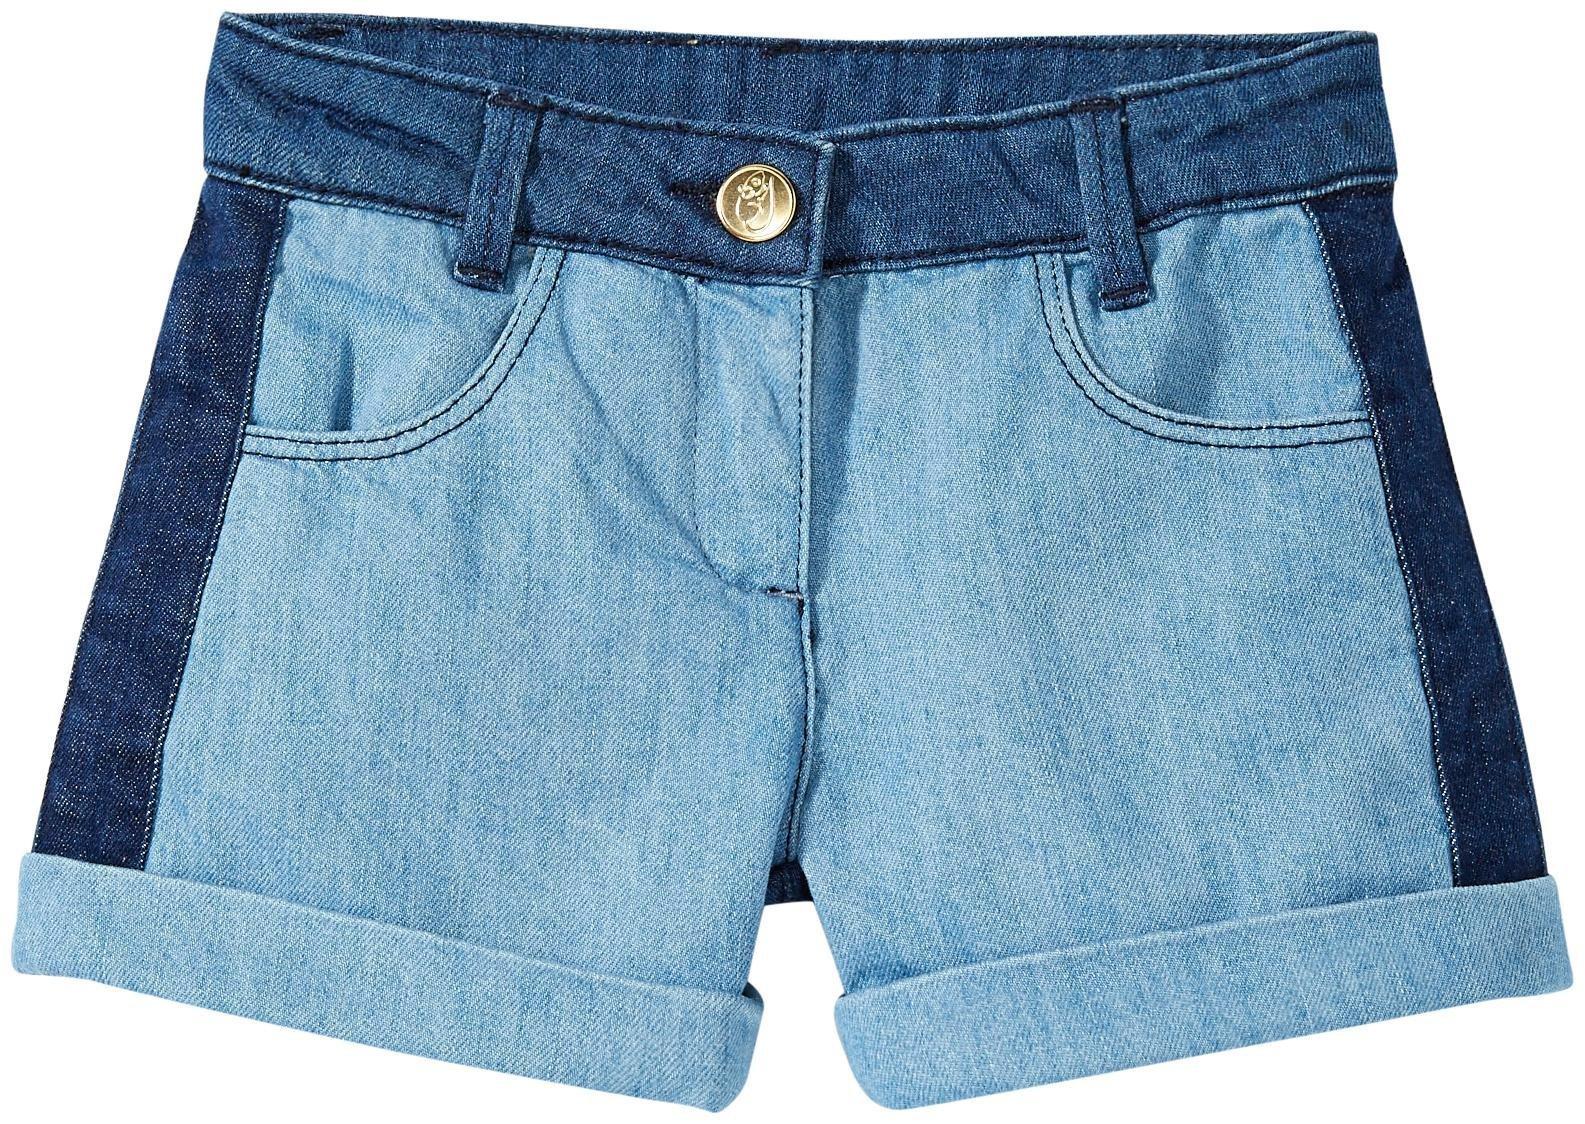 Little Marc Jacobs Denim Shorts, Blue, 2A by Little Marc Jacobs (Image #1)